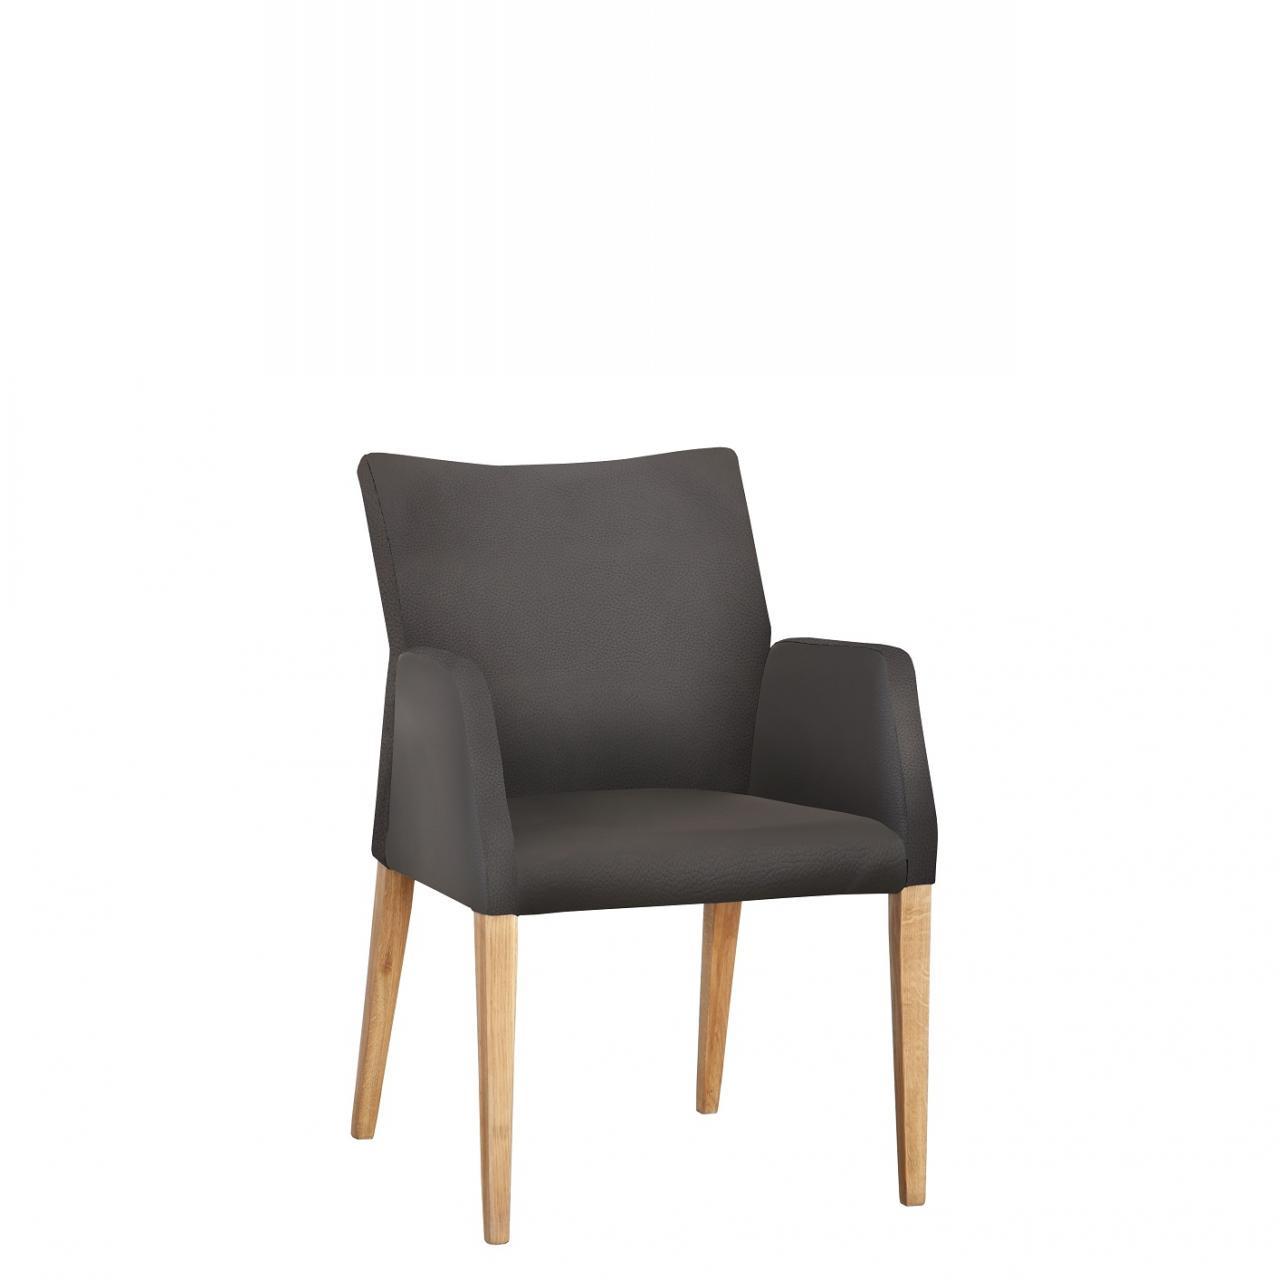 Stuhl mit Armlehne aus Leder in grau und Stuhlbeine aus massiver Eiche